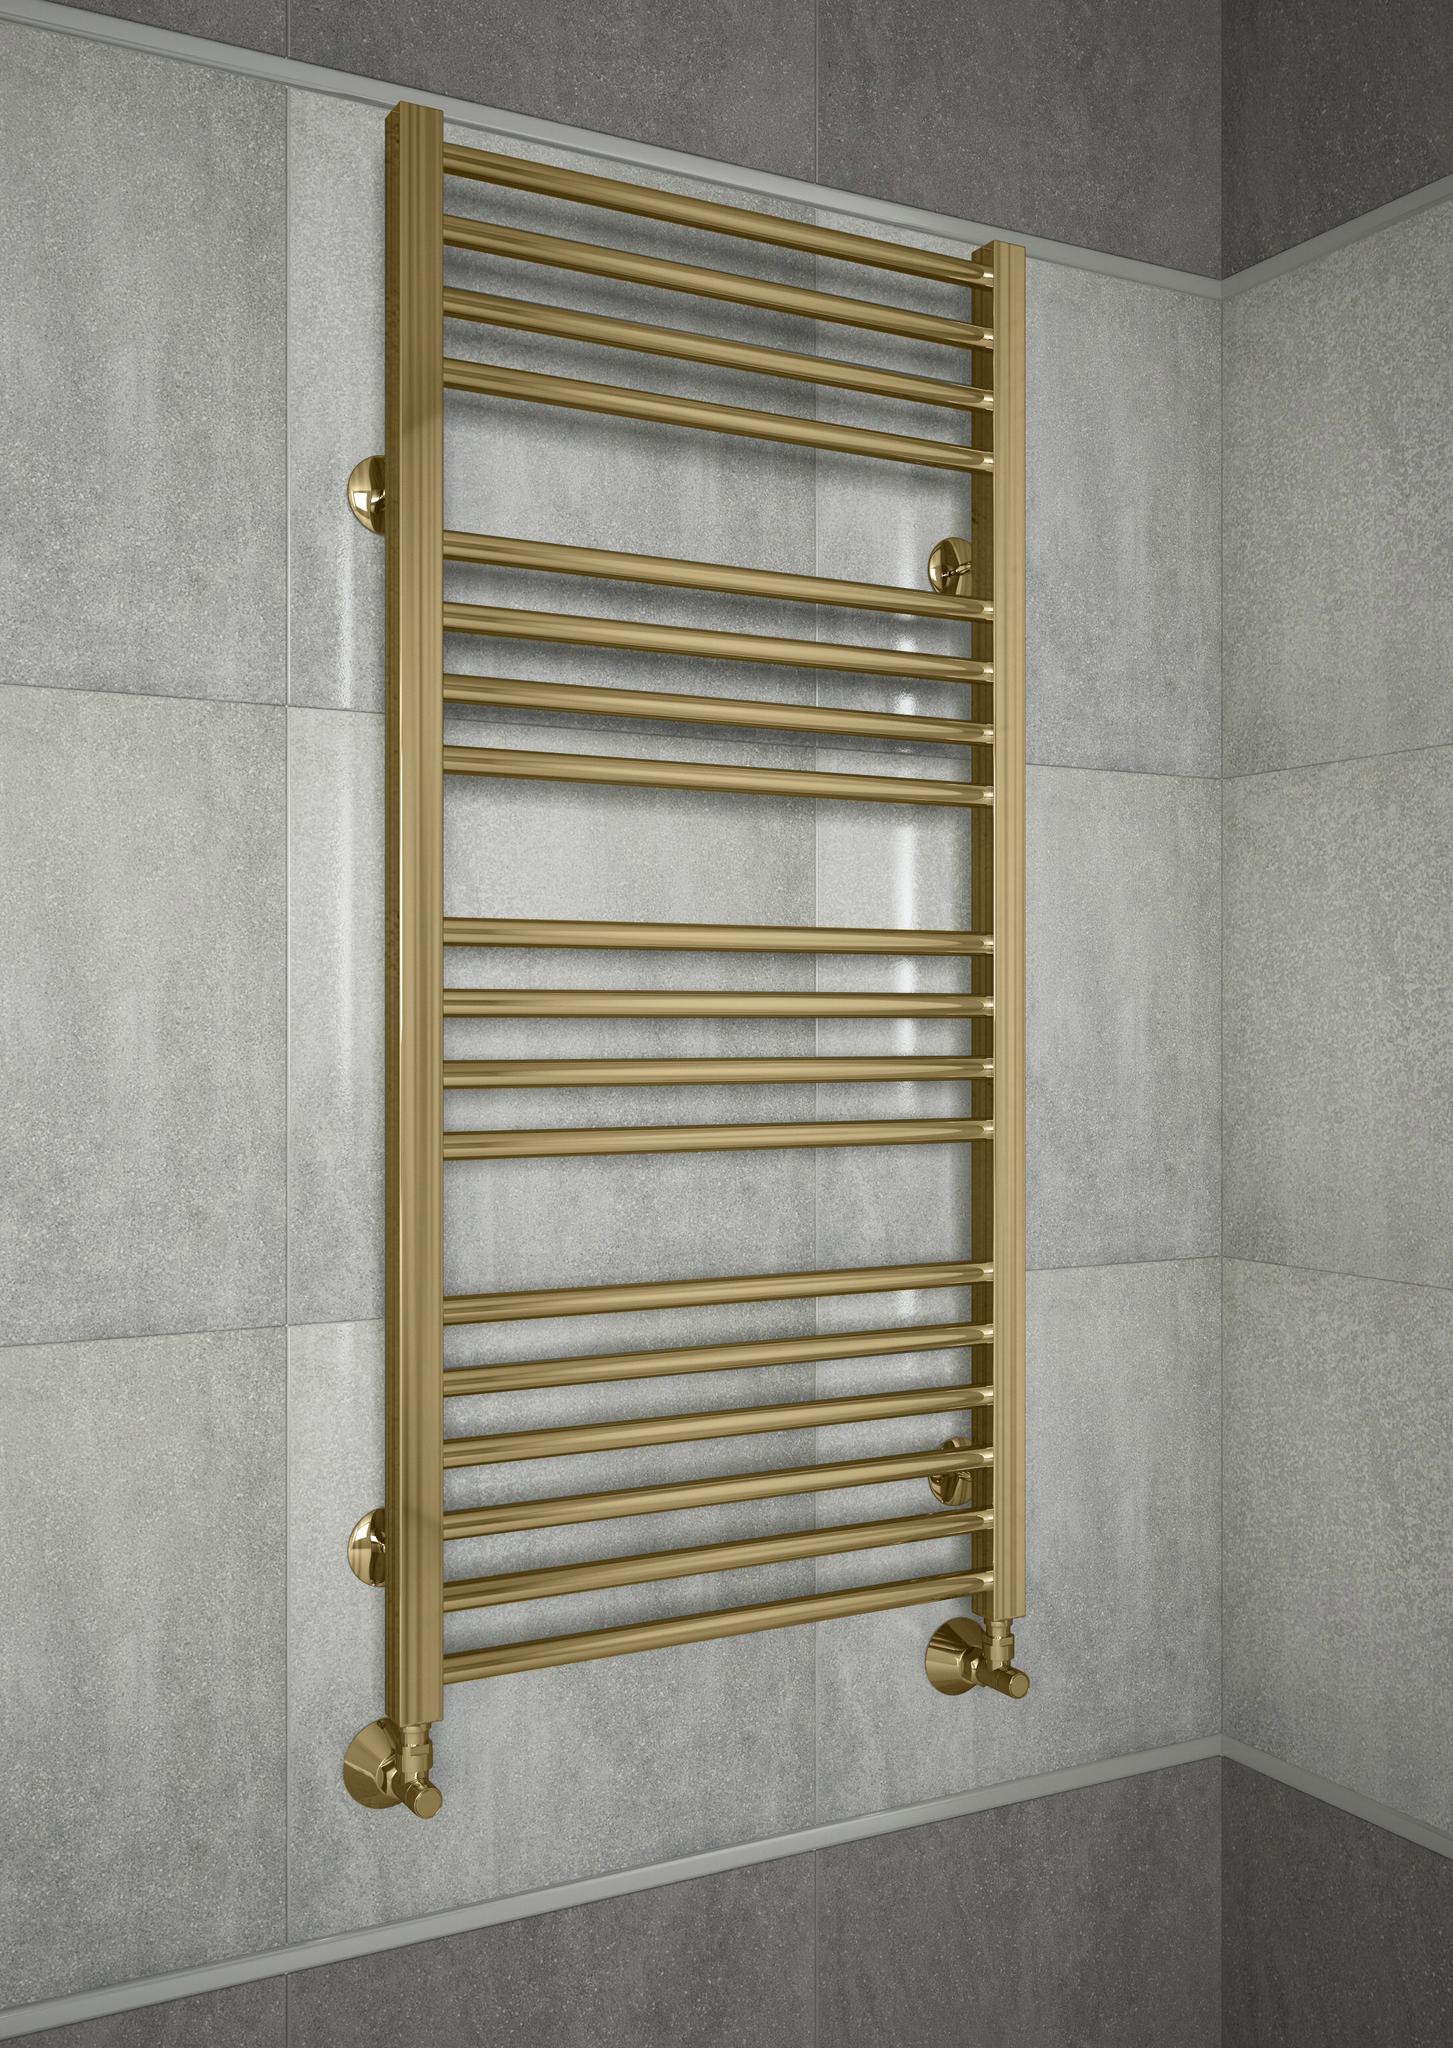 Sicilia Bronze - бронзовый полотенцесушитель с квадратными вертикалями. Бронза.